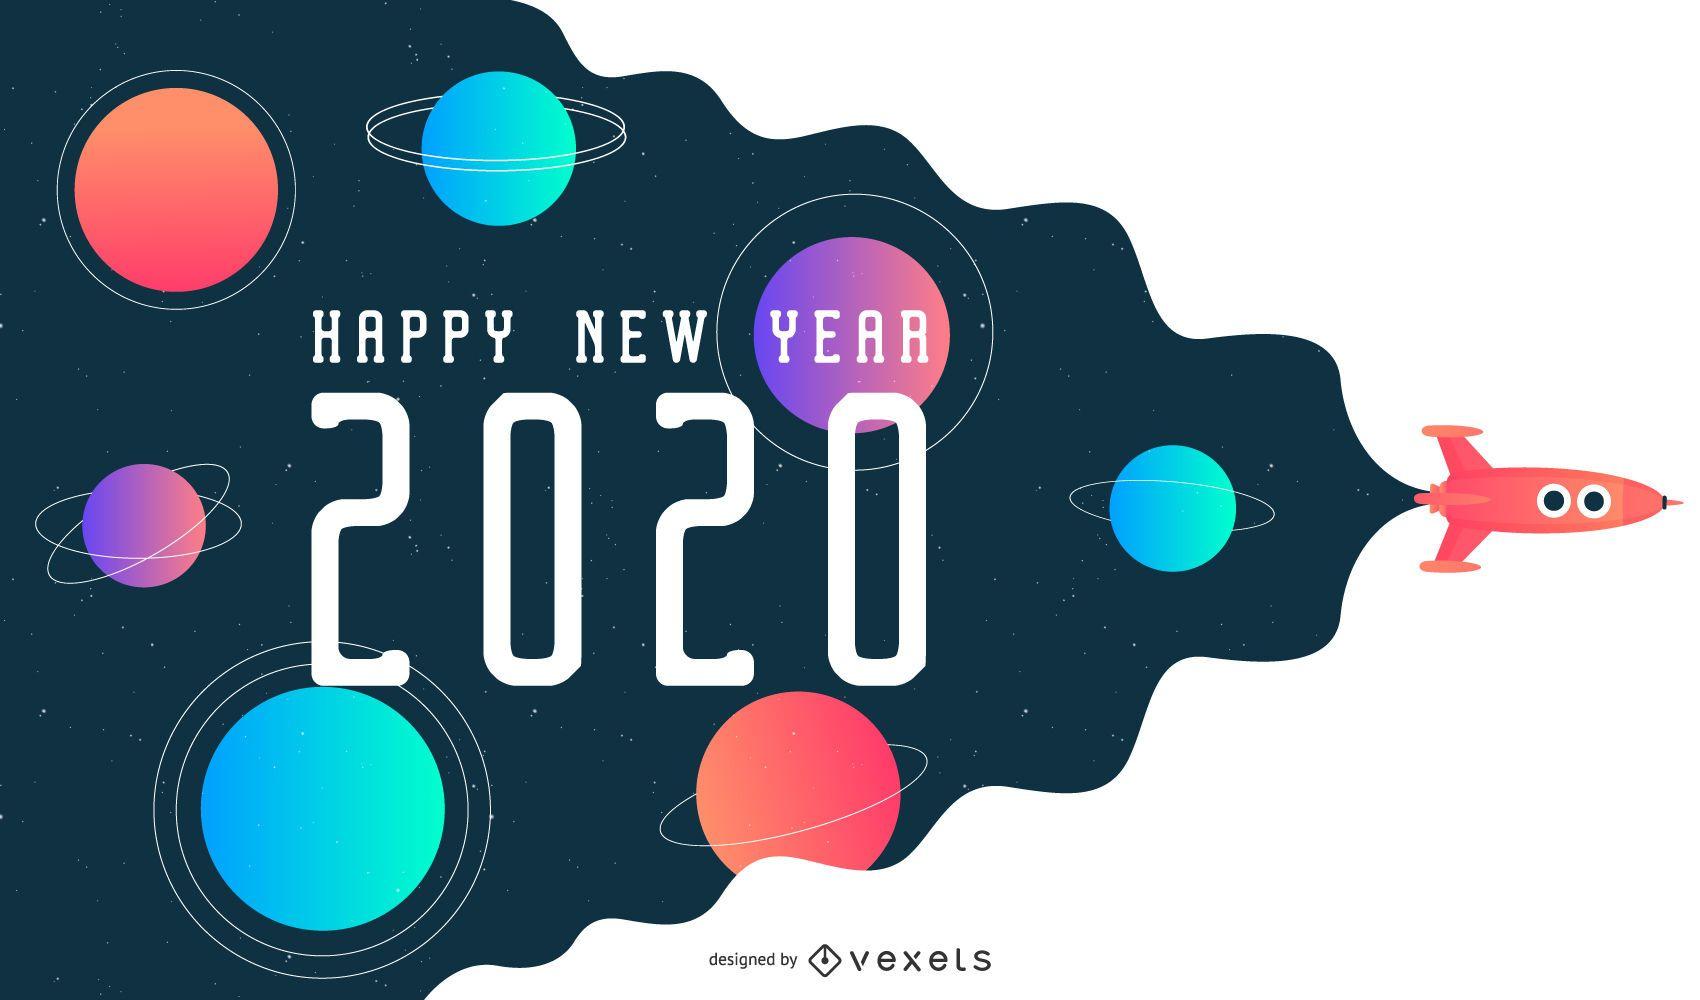 Feliz año nuevo 2020 diseño de banner espacial